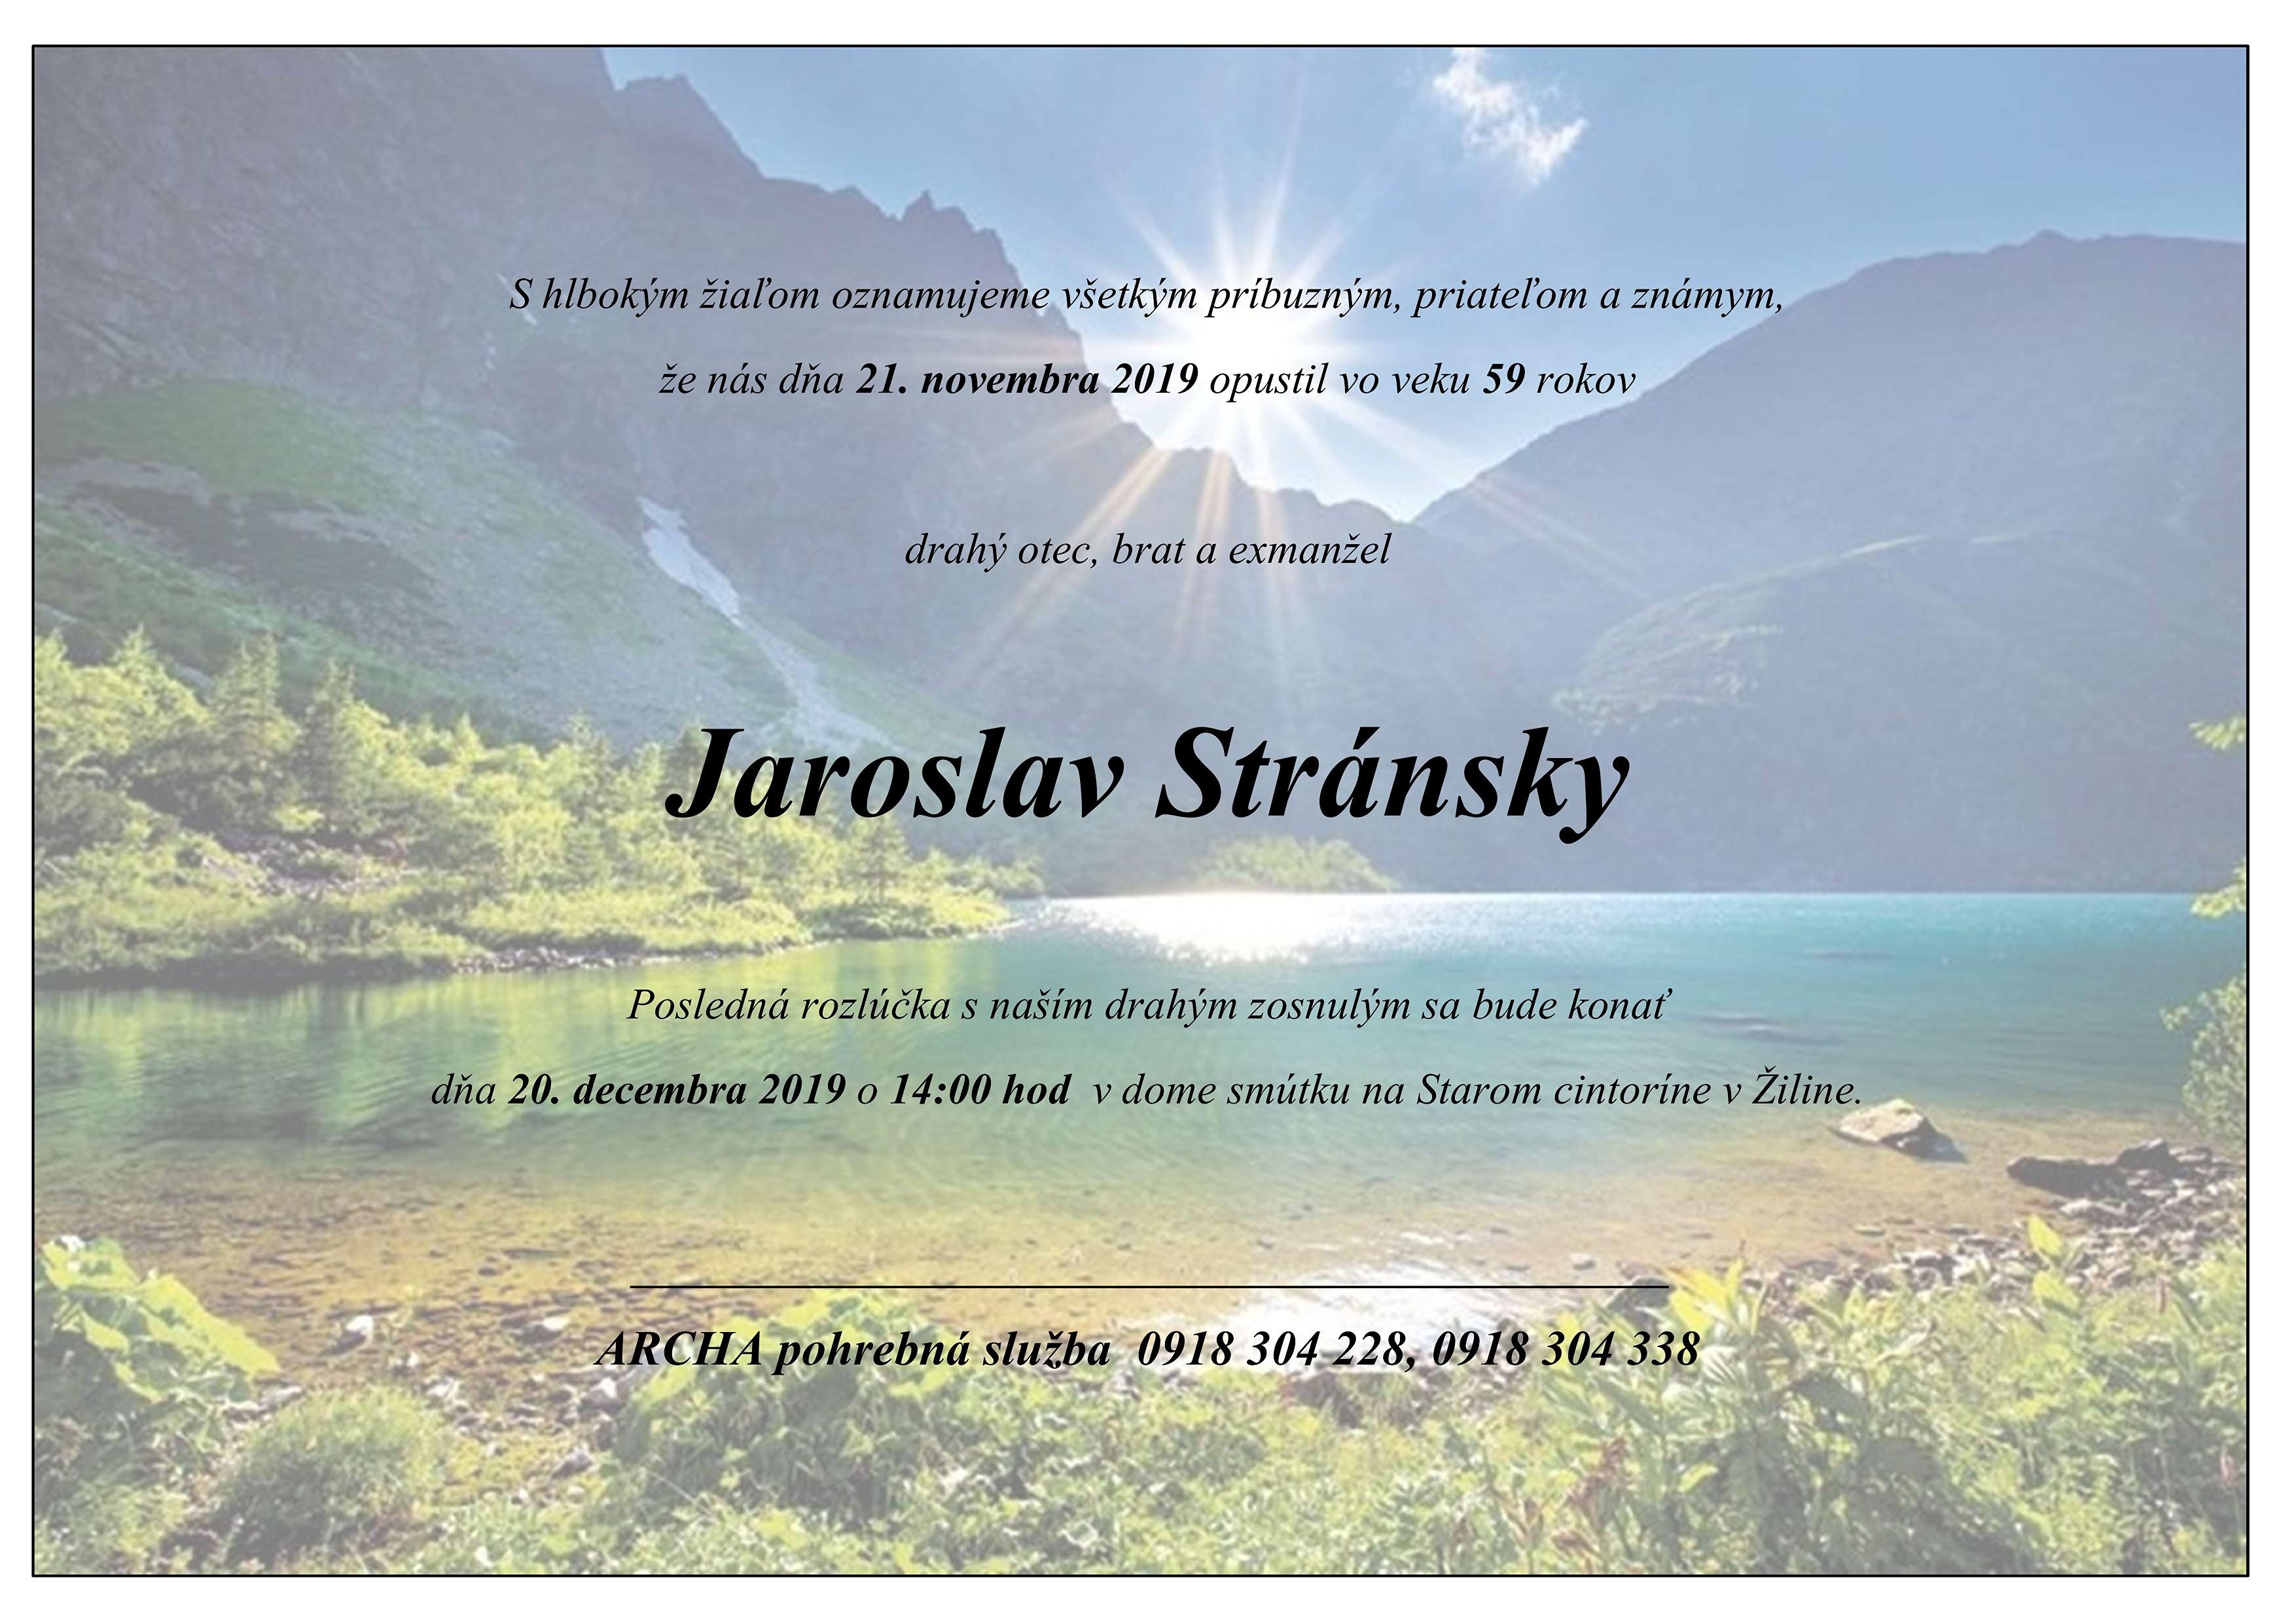 Jaroslav Stránsky Parte